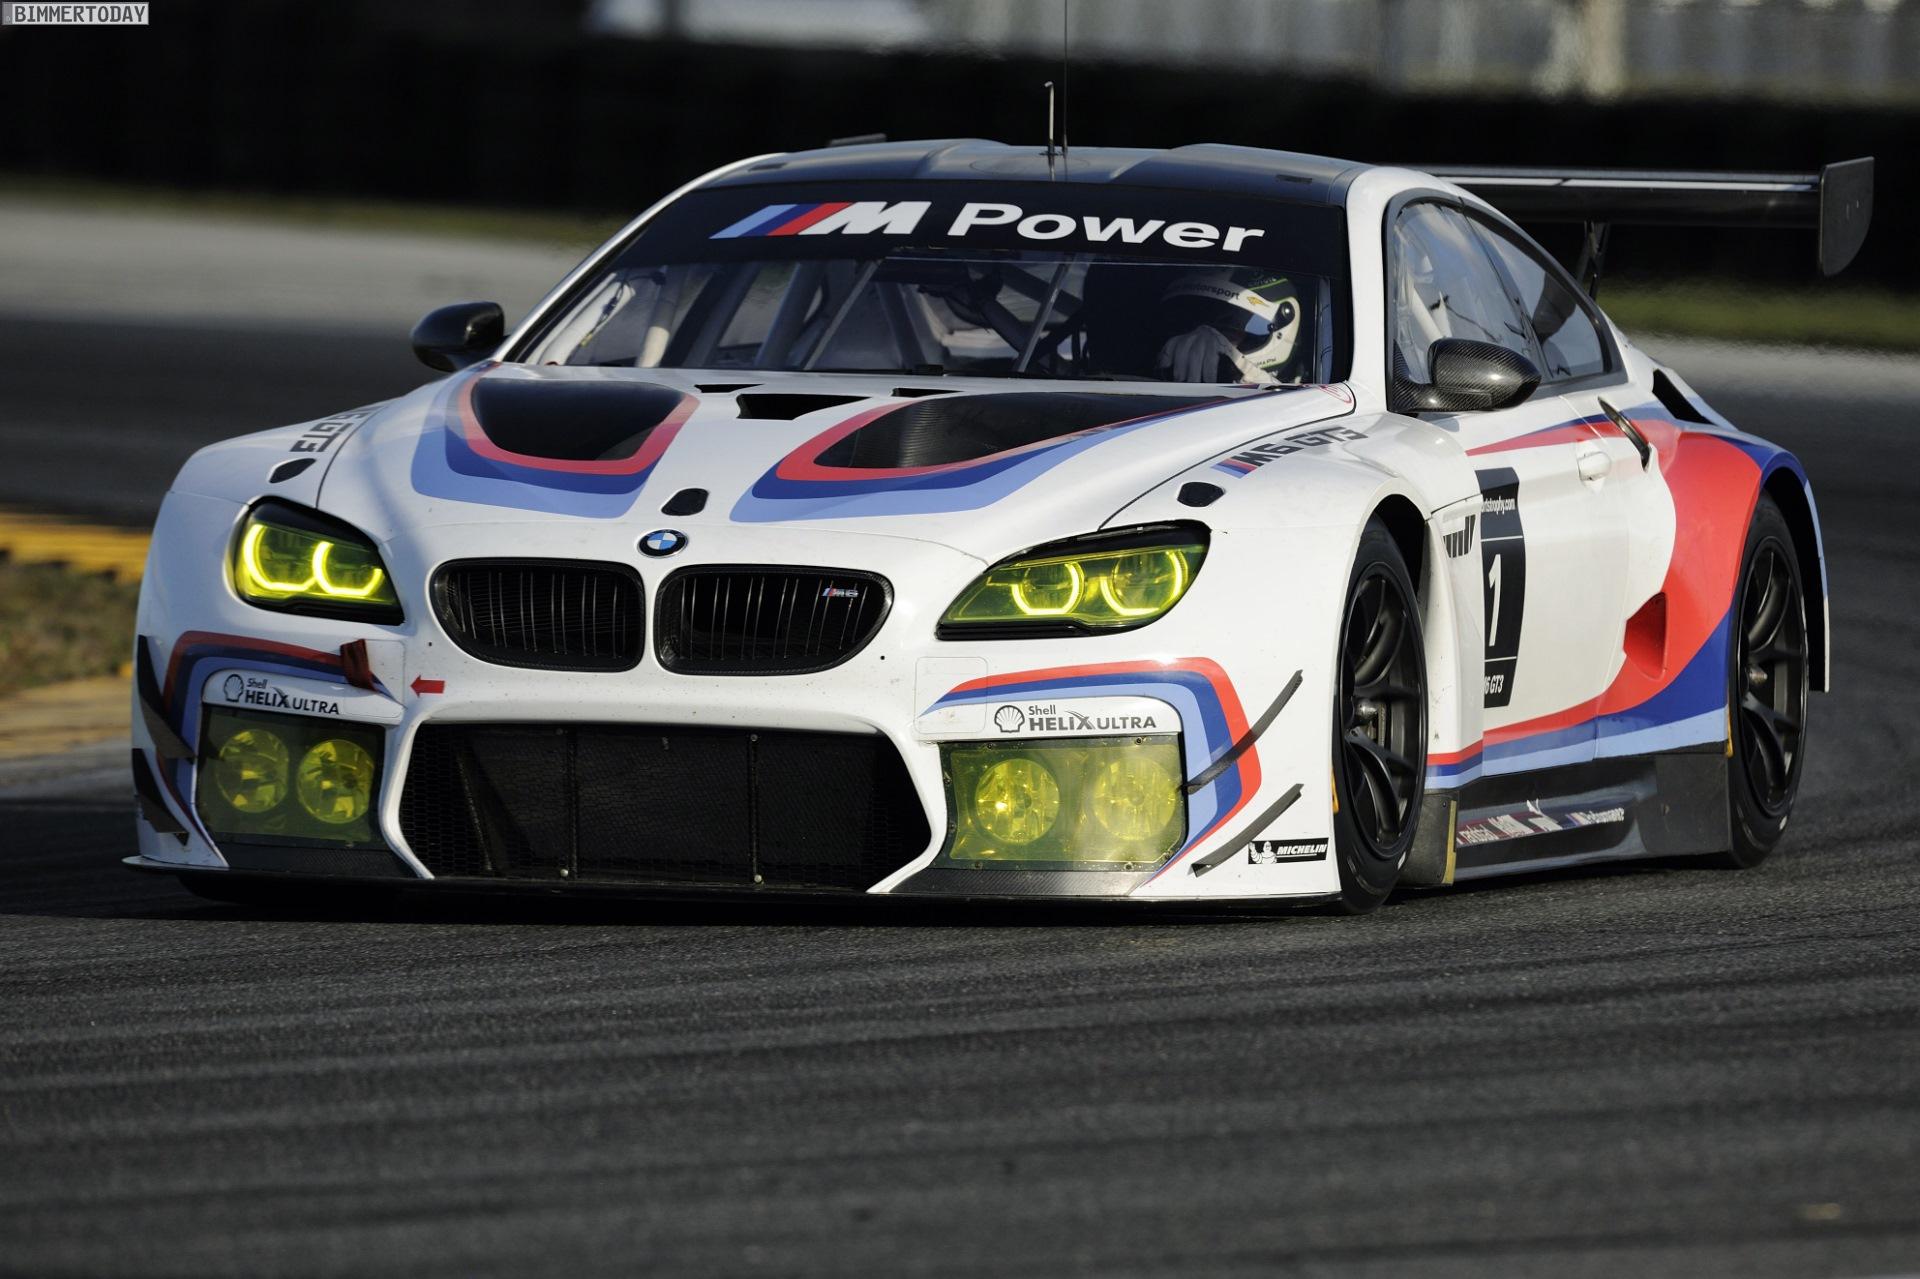 N 252 Rburgring 2016 Rowe Racing Und Schubert Im Bmw M6 Gt3